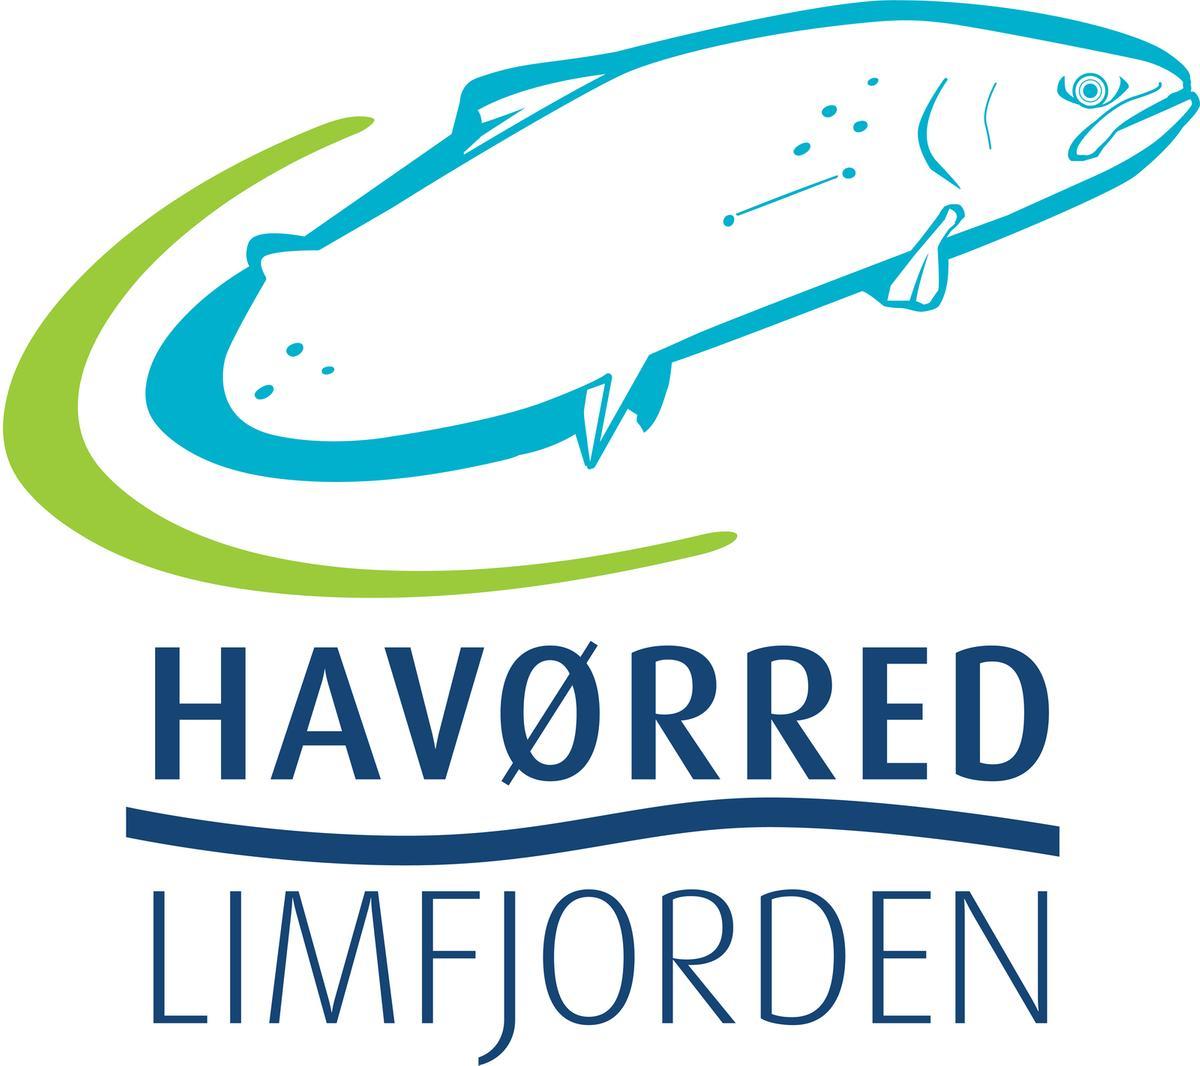 Havørred Limfjorden